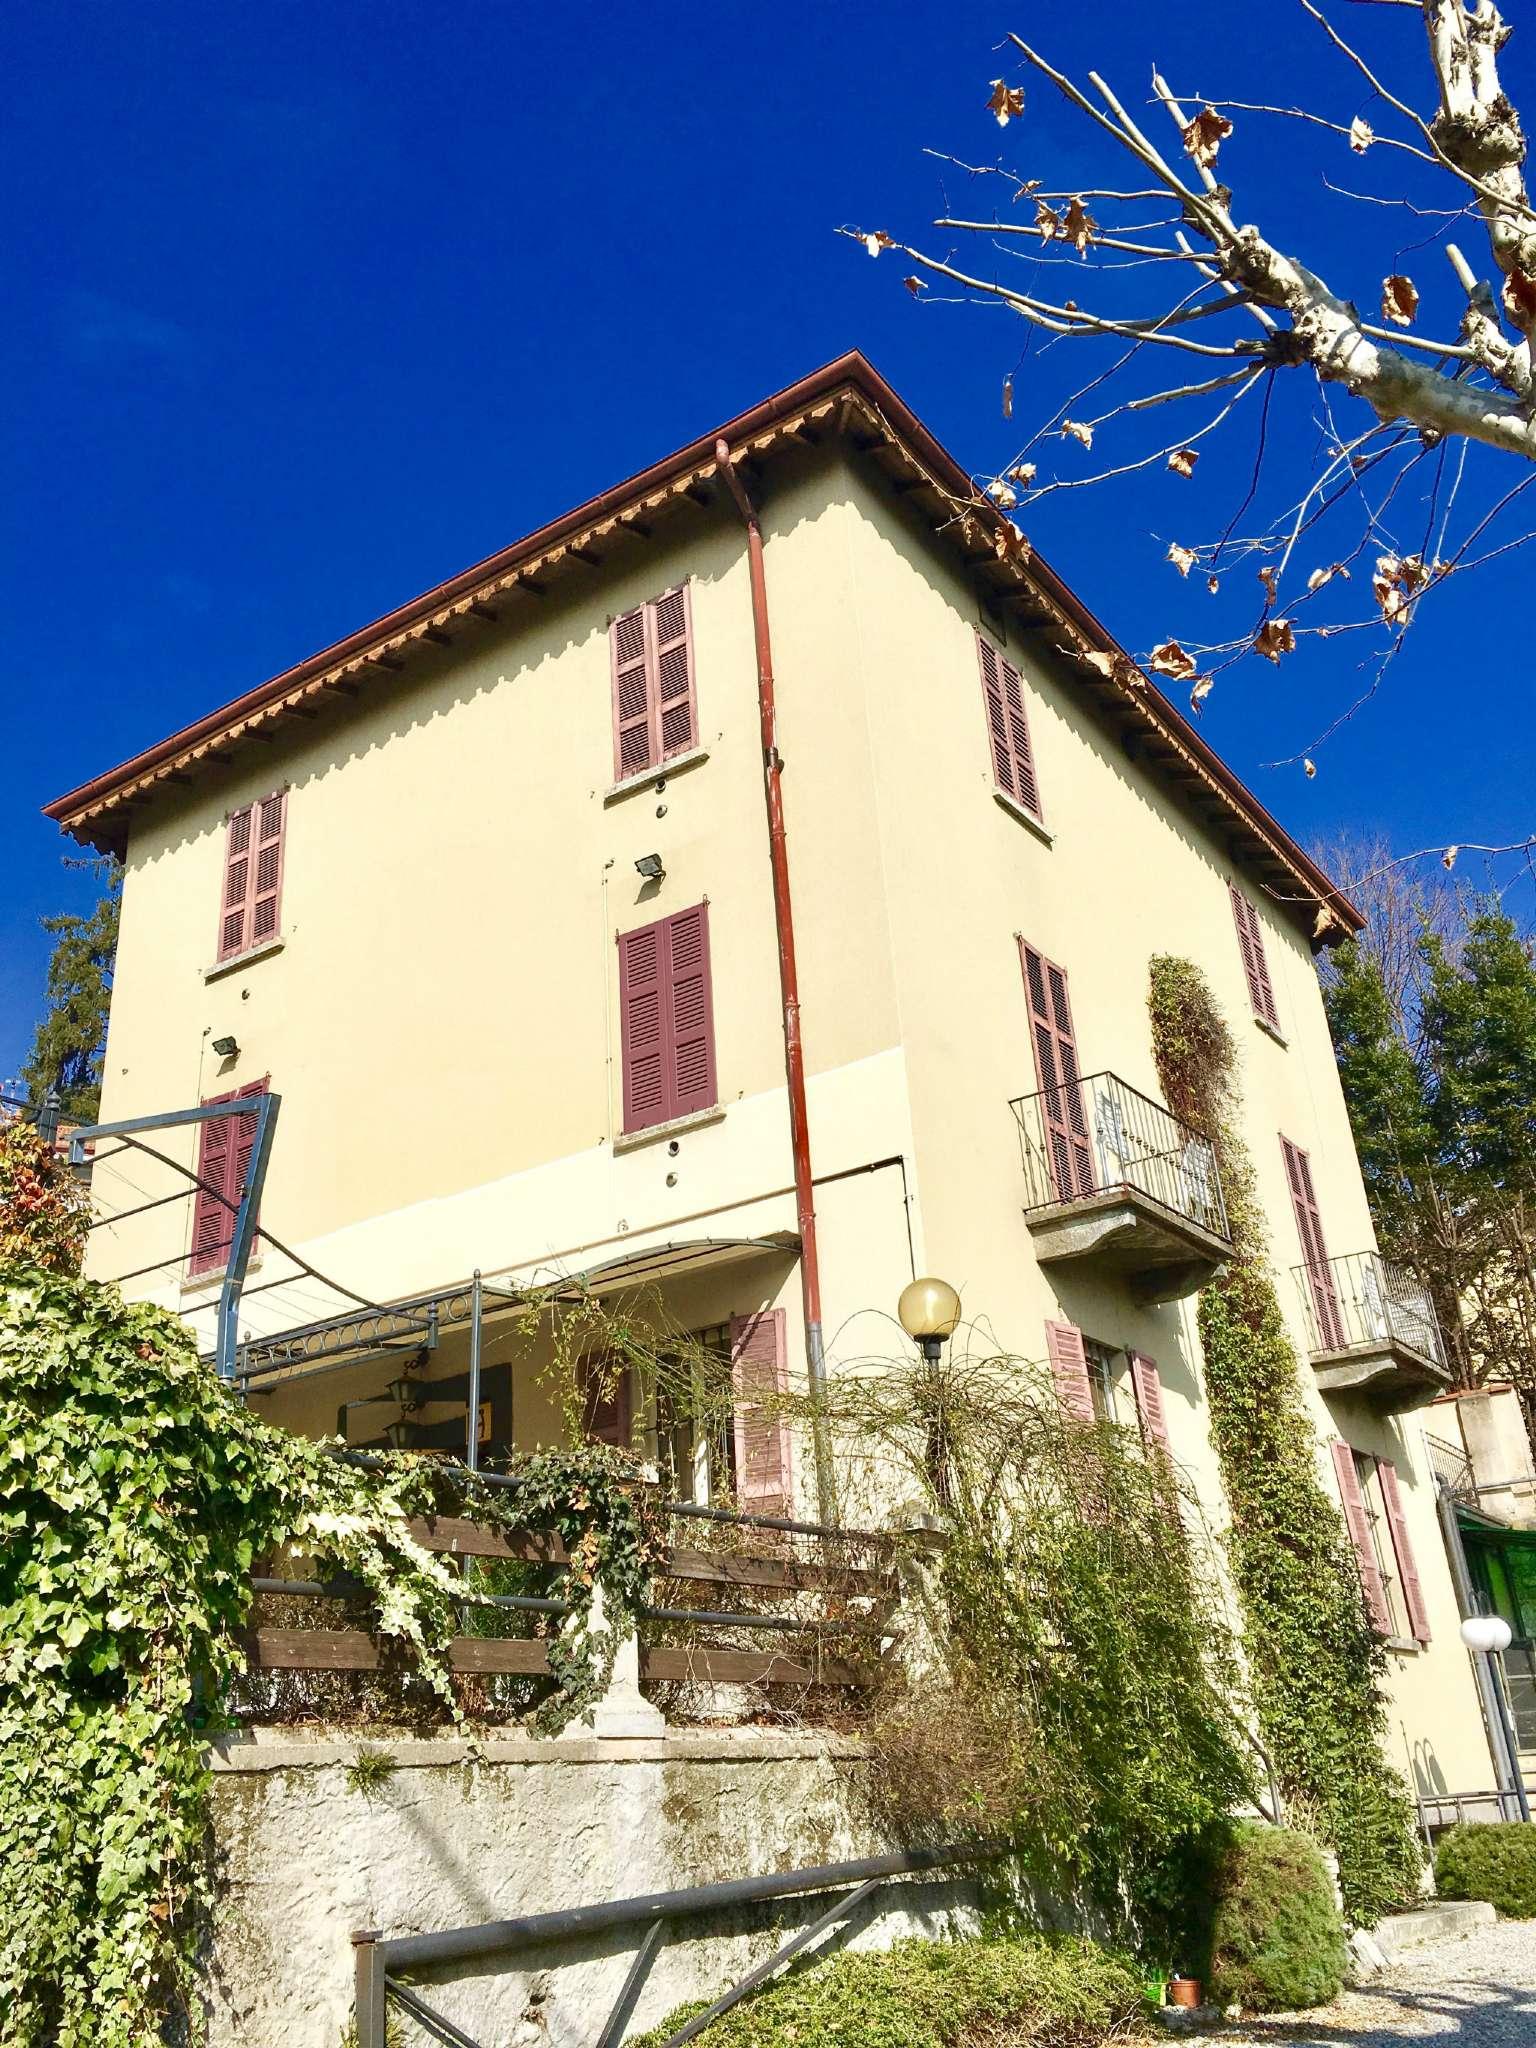 Immobile Commerciale in vendita a Cernobbio, 9999 locali, Trattative riservate | CambioCasa.it